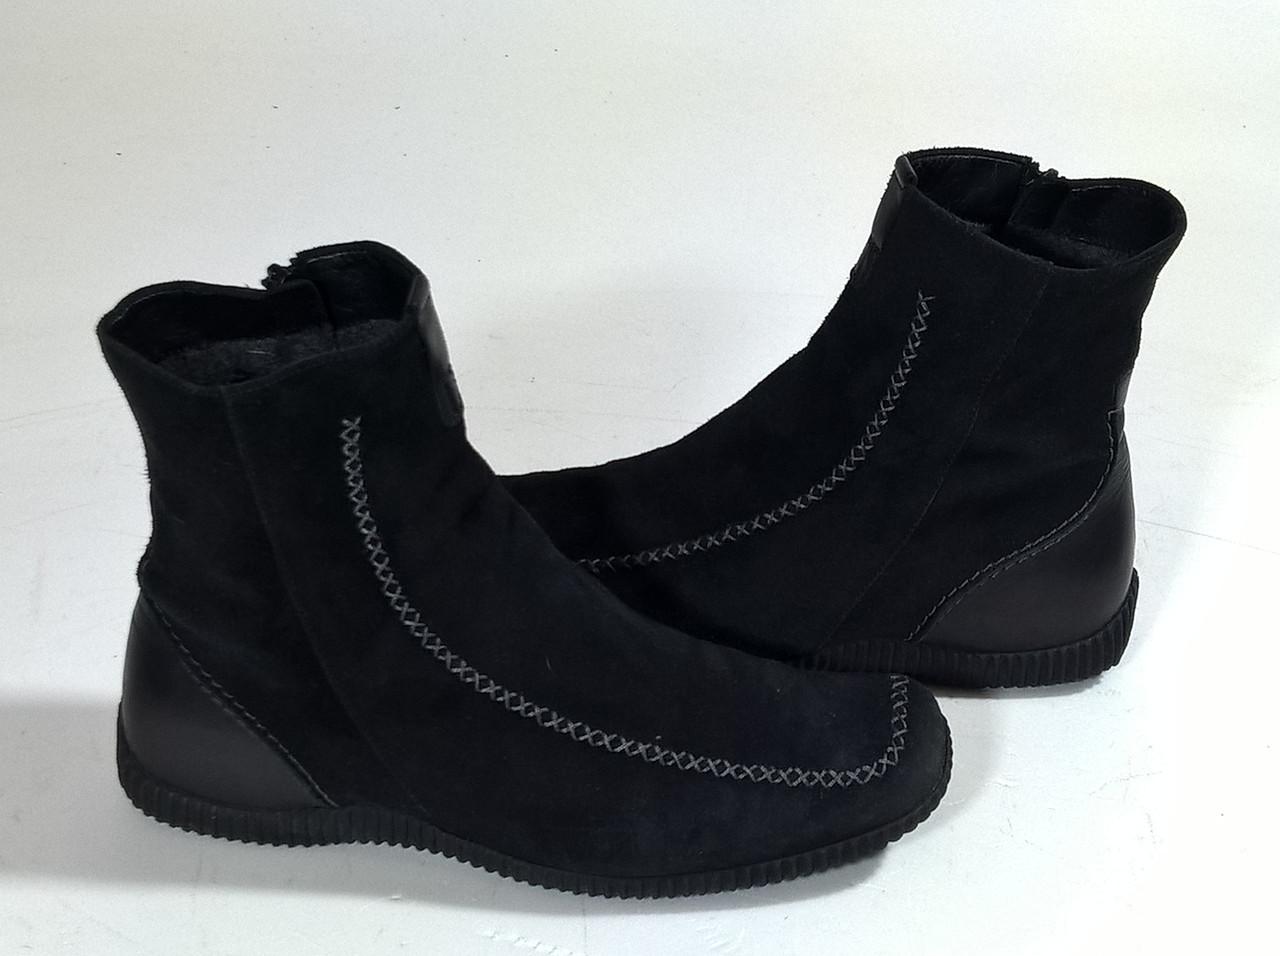 Ботильоны,ботинки женские 39 размер бренд GABOR (Словения)